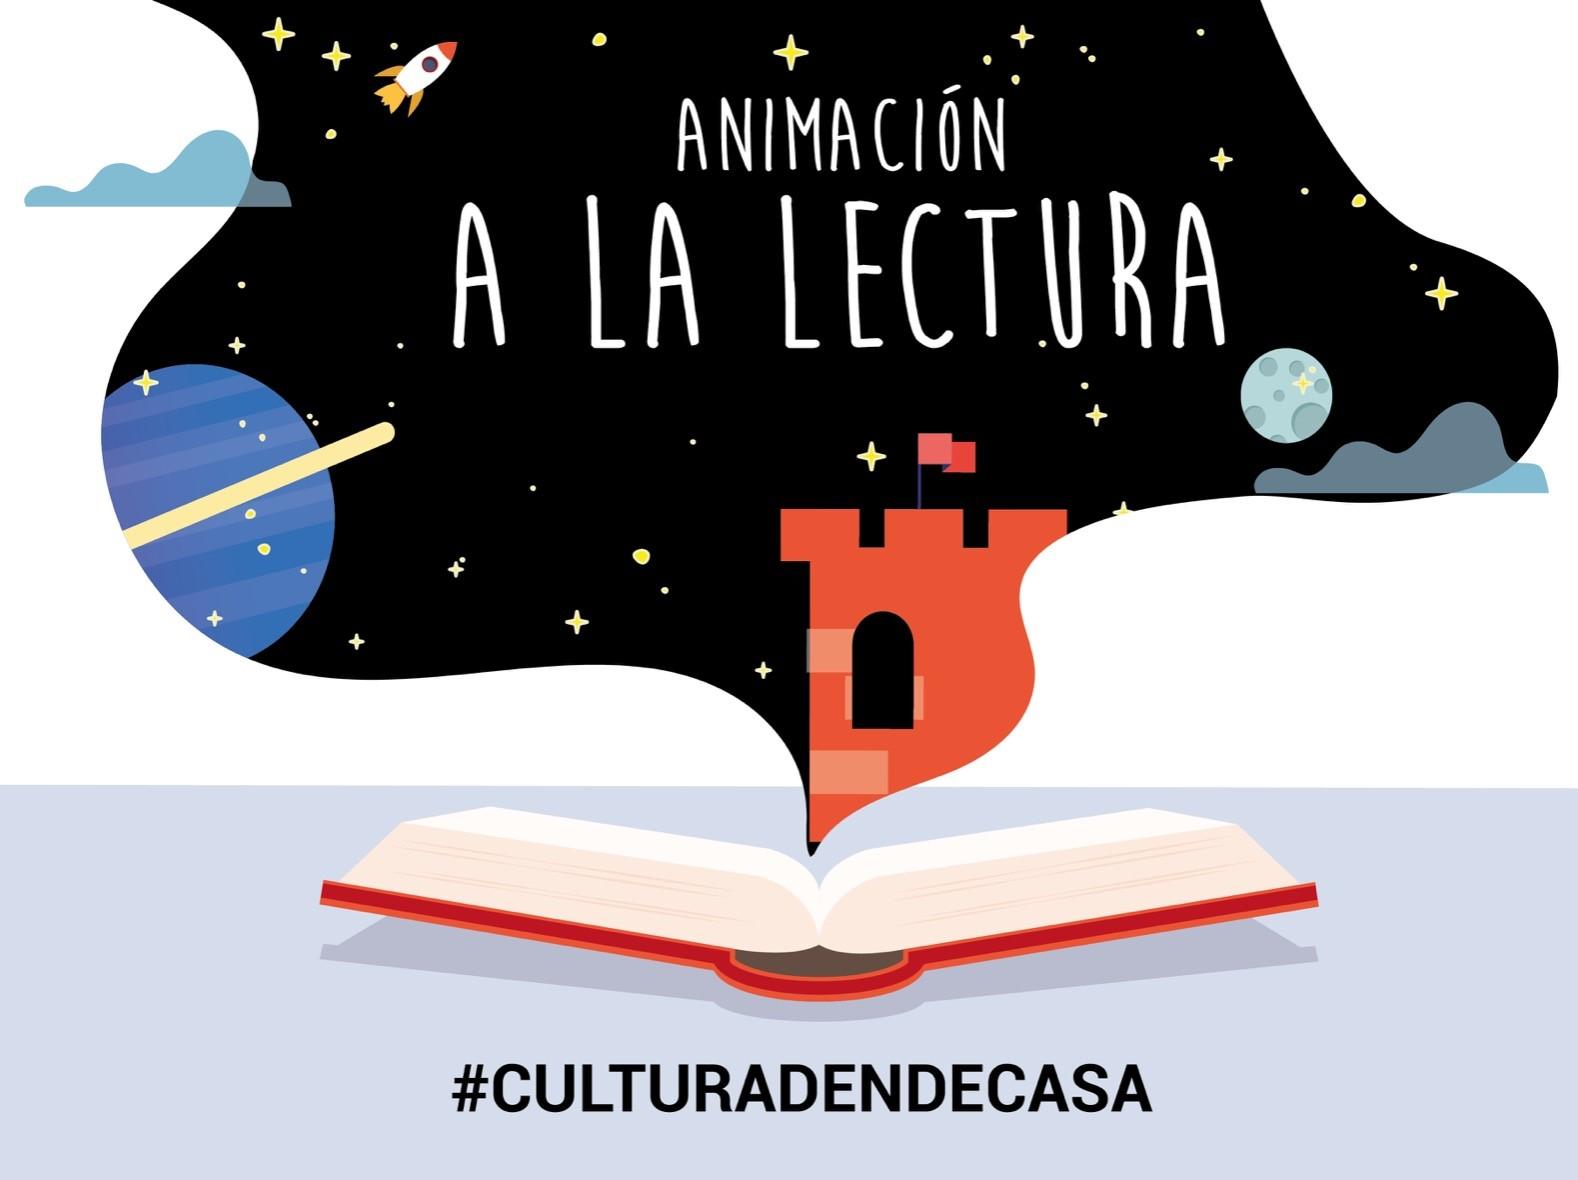 Animacion A La Lectura Culturadendecasa